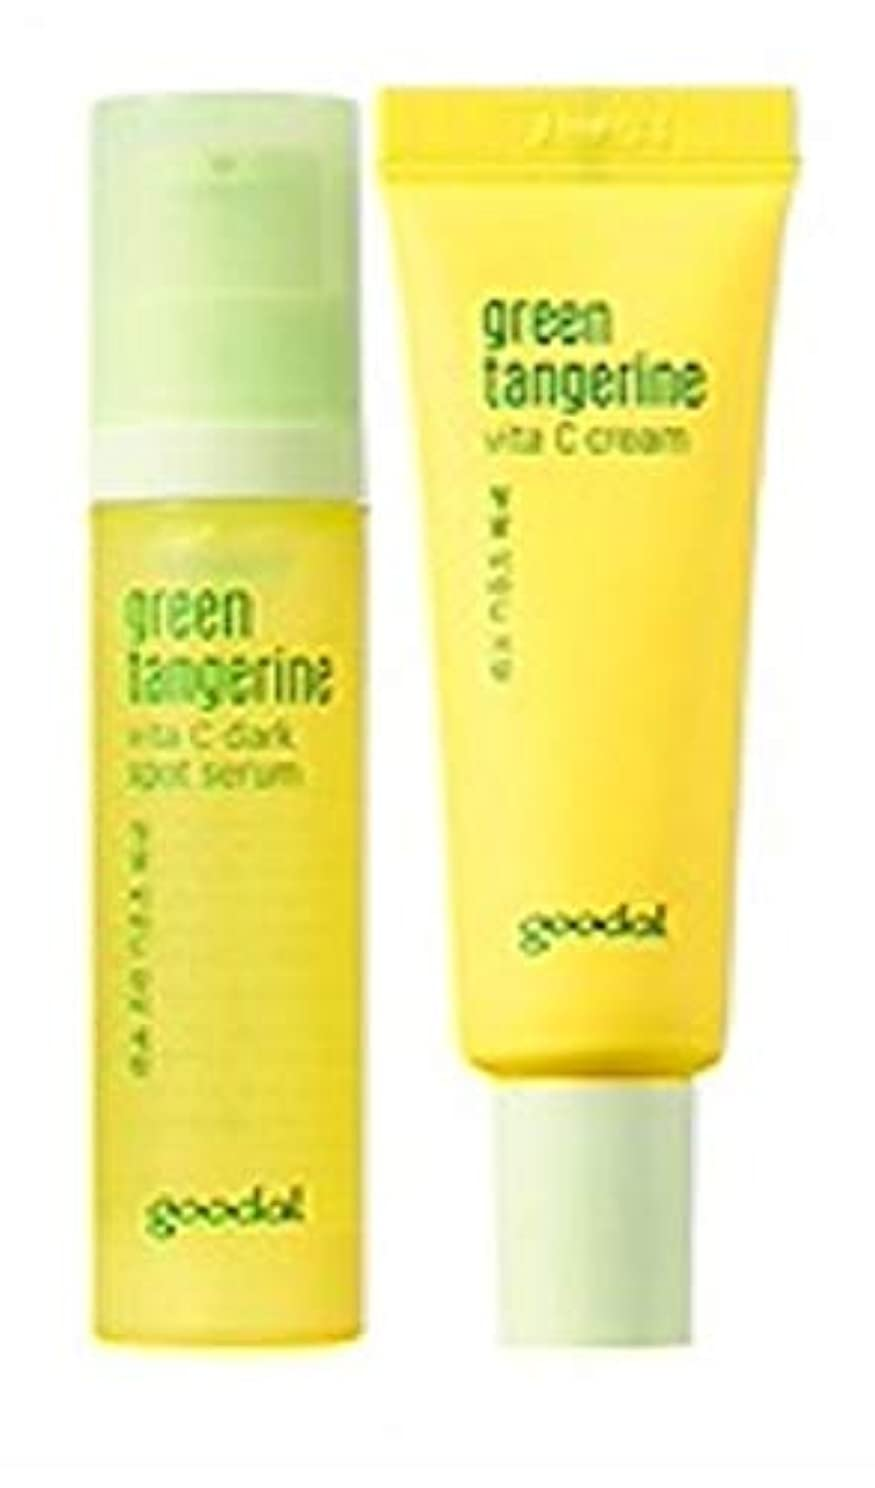 不適当幻滅通貨Goodal Green Tangerine Vita C Dark Spot Serum Set チョンギュル、ビタC汚れセラムセット ミニサイズ [並行輸入品]